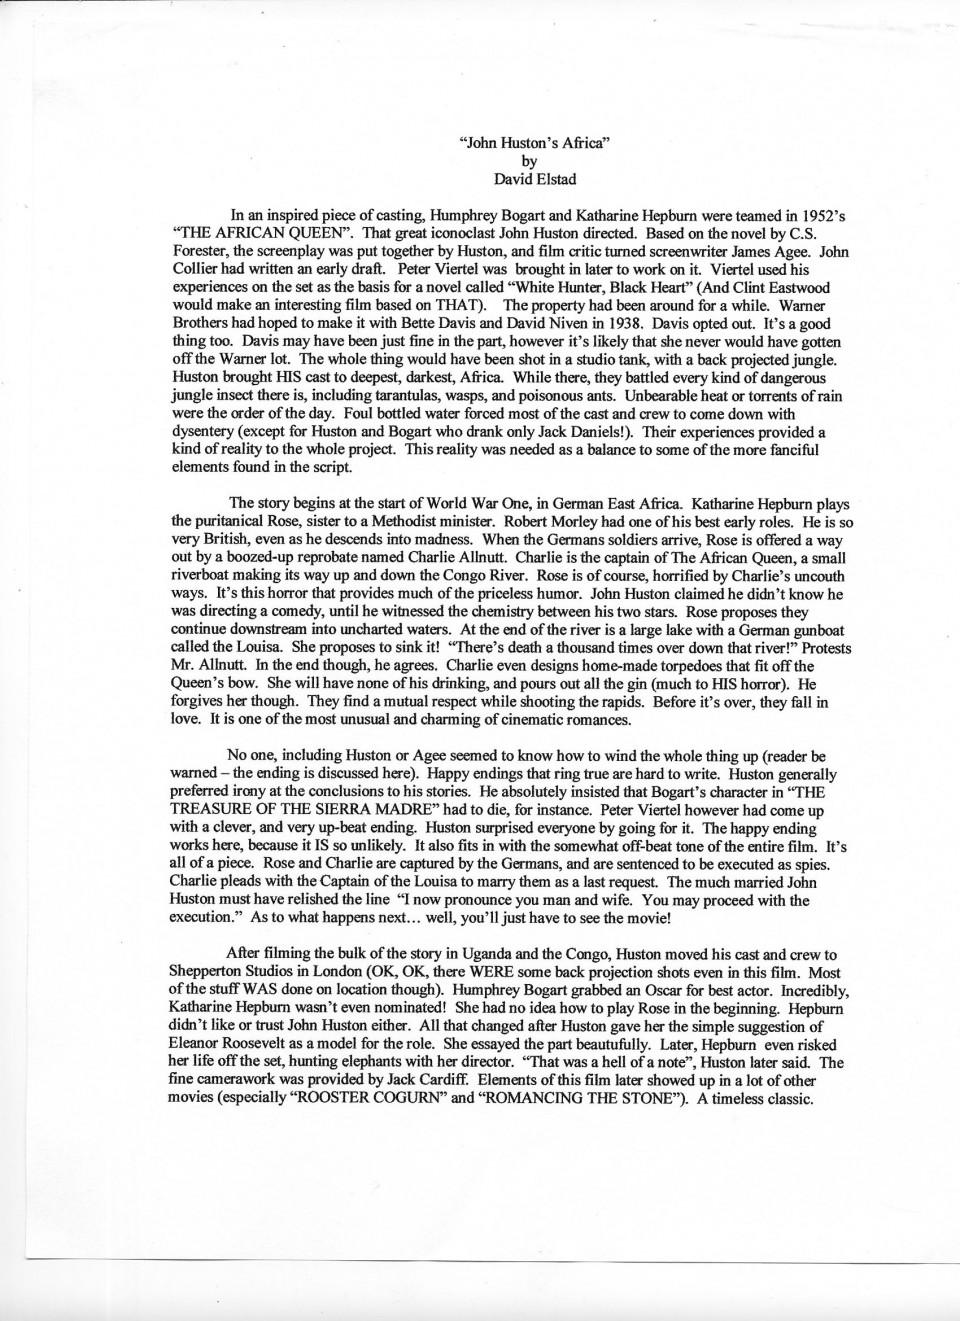 012 Njhs Essay Conclusion Onepageessay Unique 960